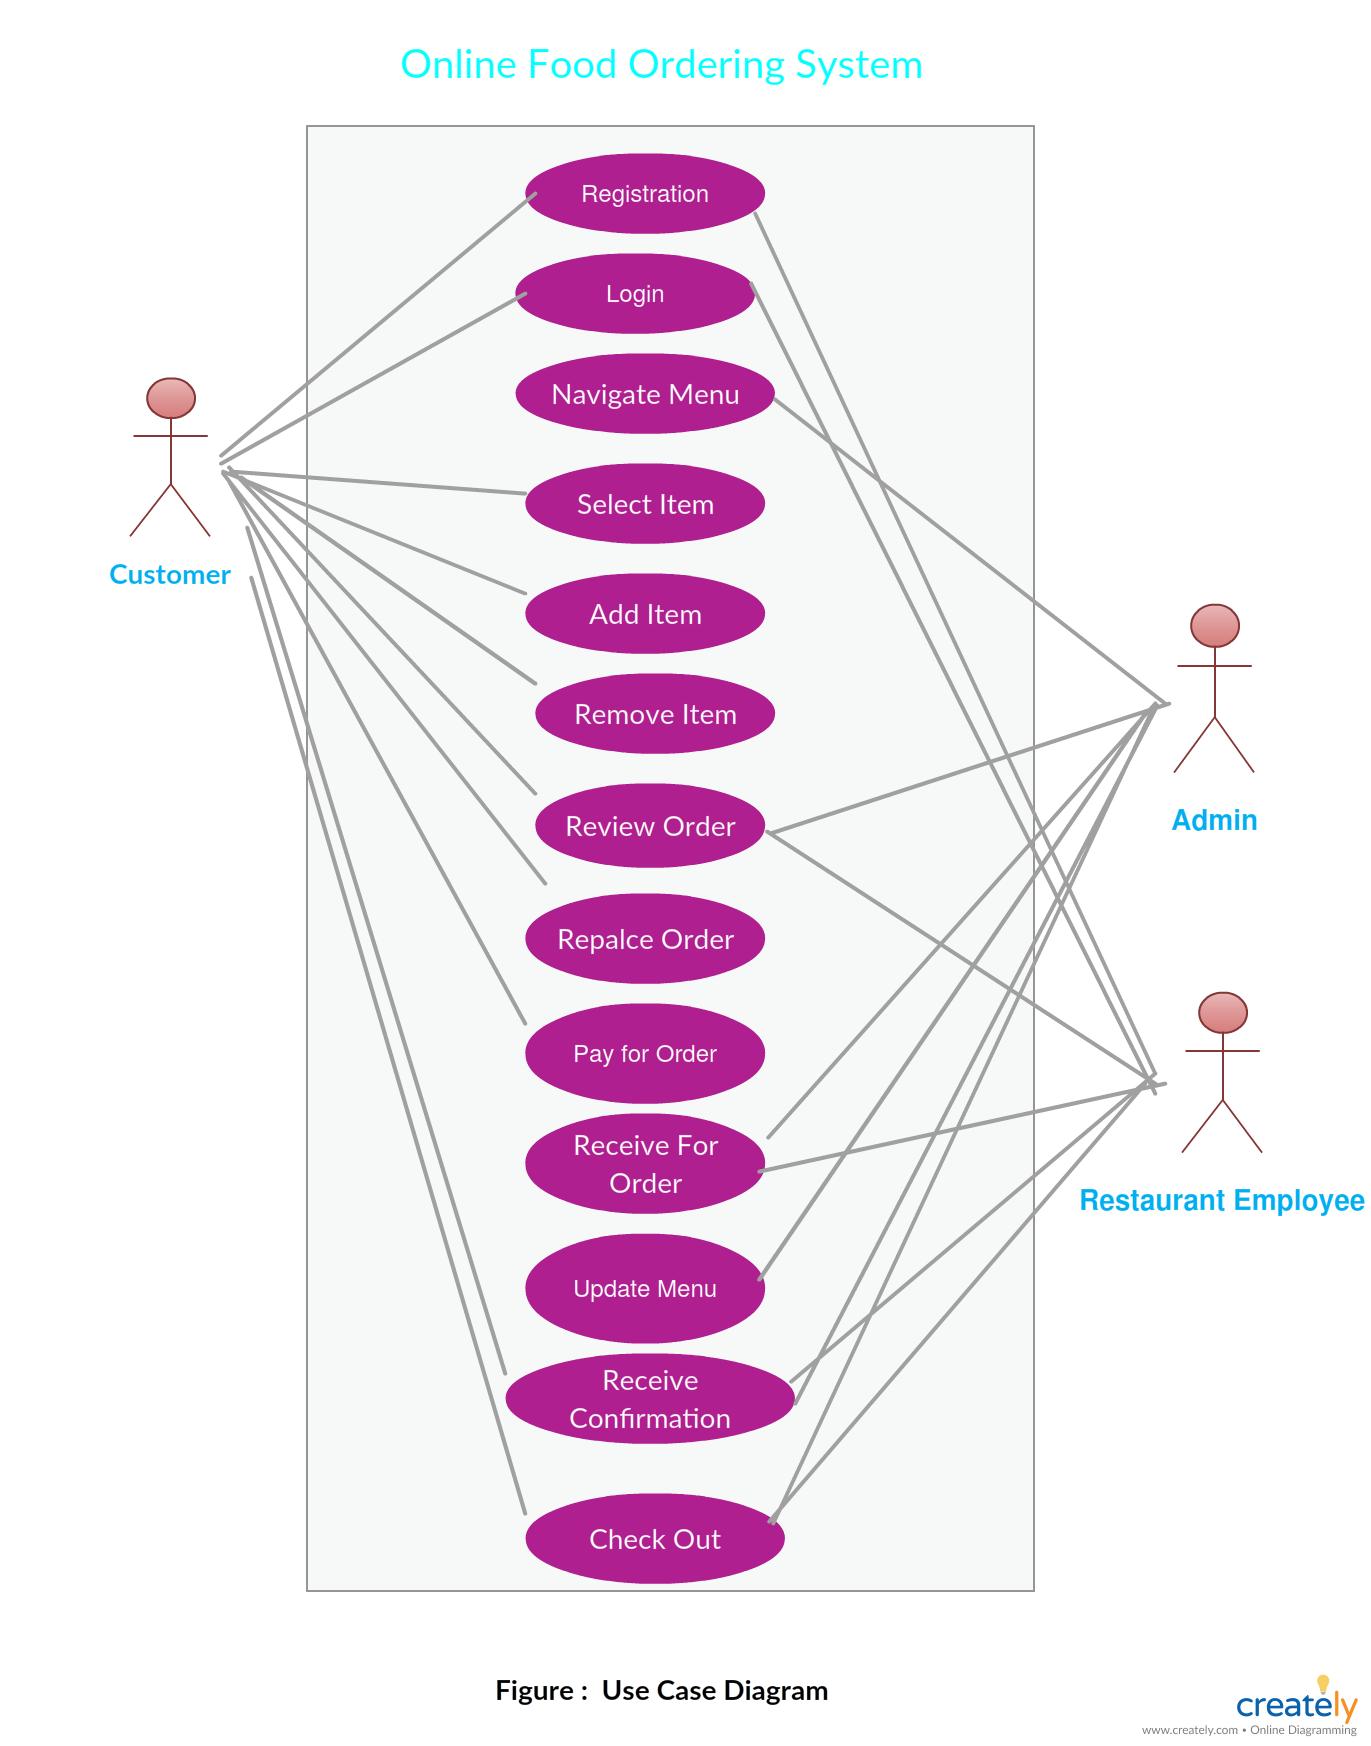 Er Diagram For Online Food Ordering System - A Entity